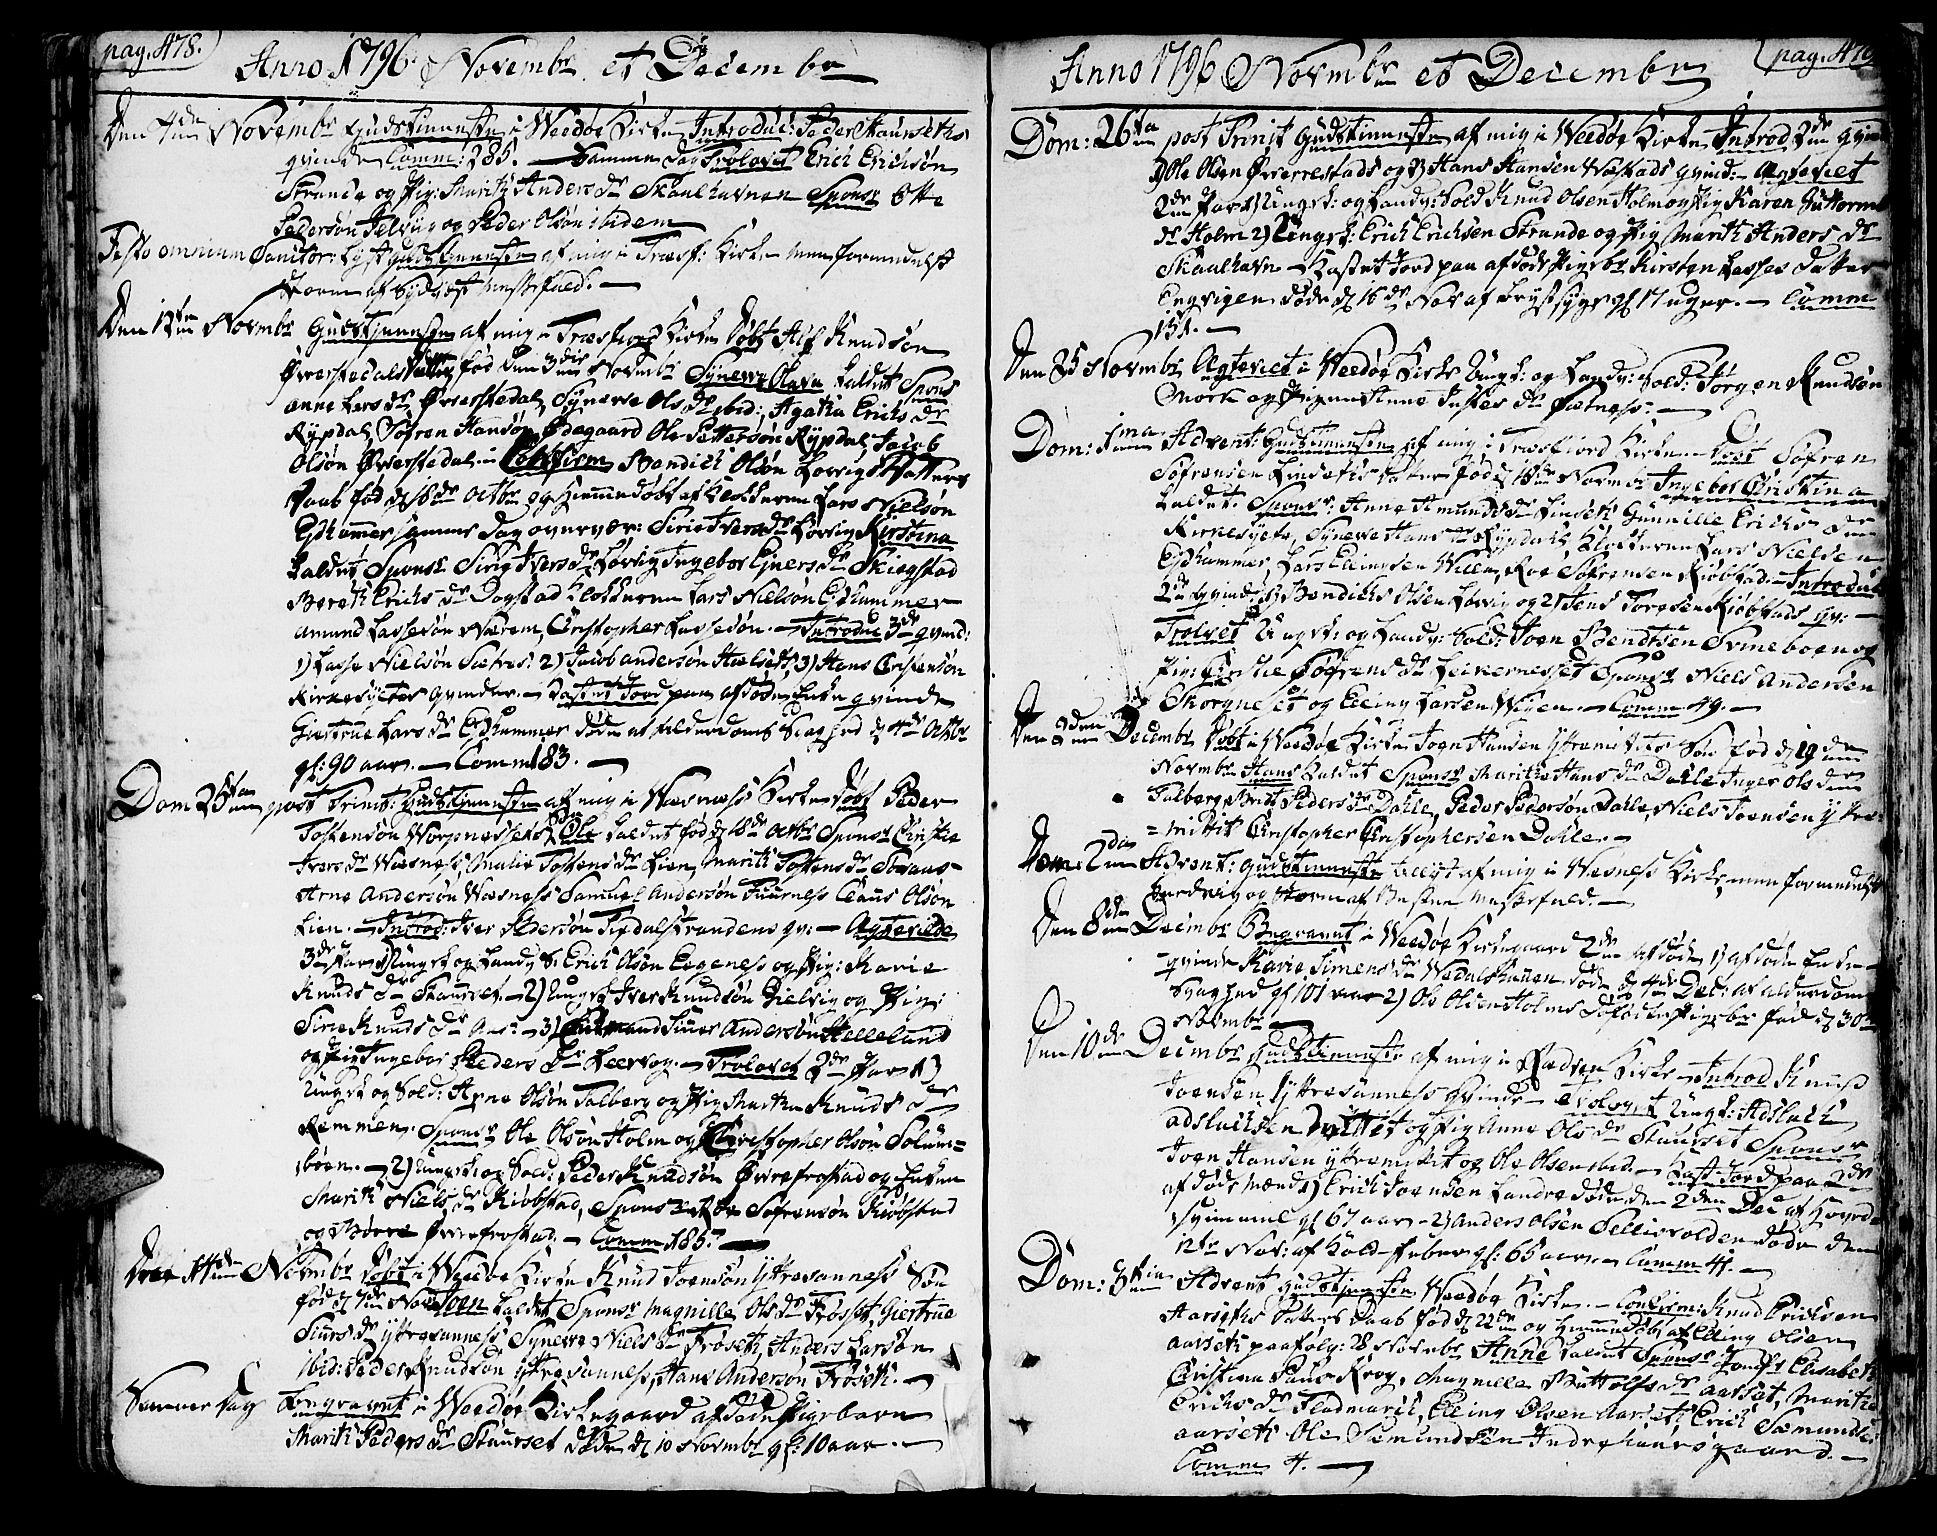 SAT, Ministerialprotokoller, klokkerbøker og fødselsregistre - Møre og Romsdal, 547/L0600: Ministerialbok nr. 547A02, 1765-1799, s. 478-479